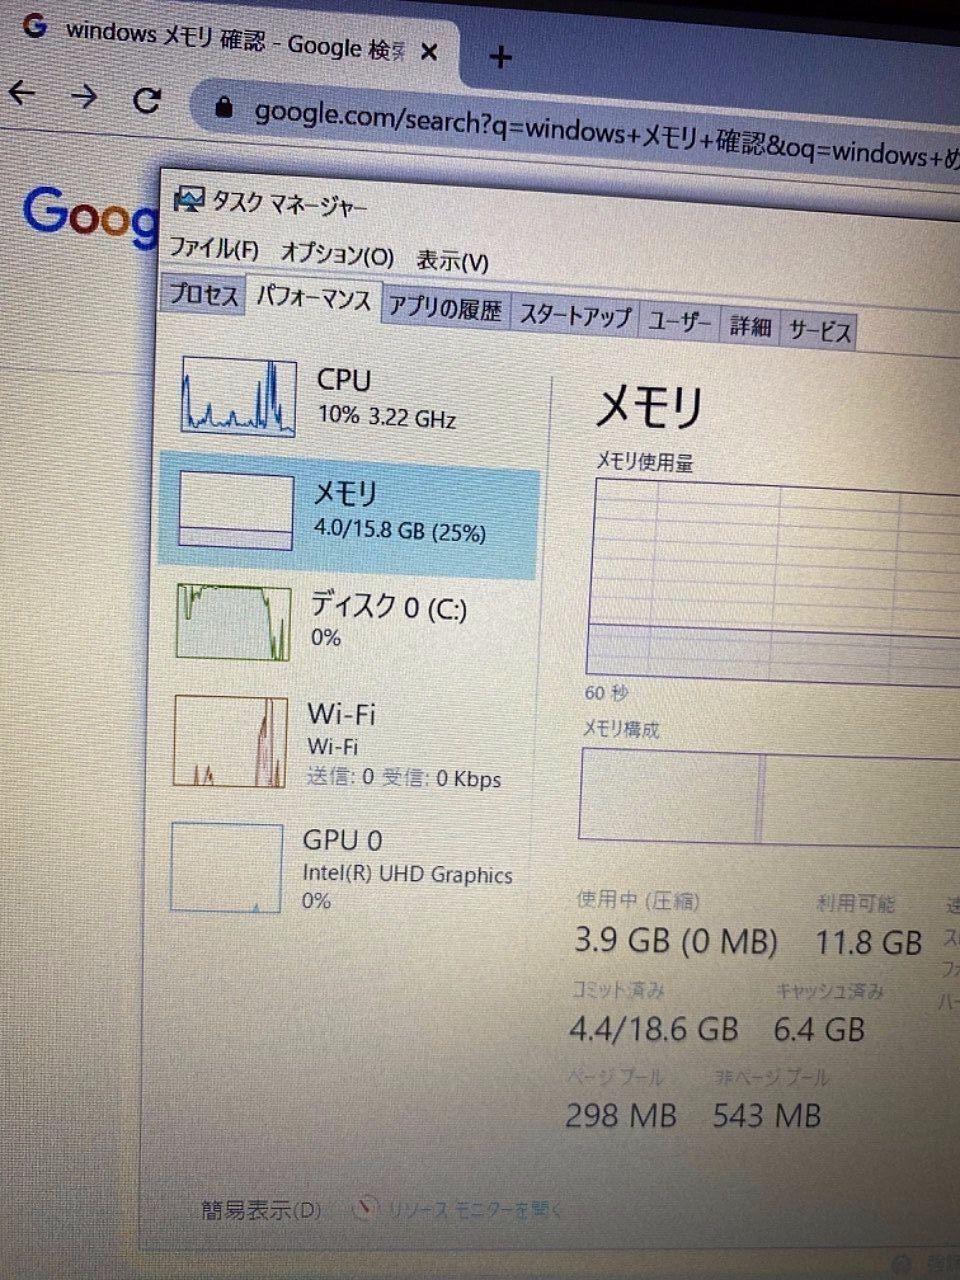 dell Inspiron 15 3000のメモリ増設【4GBから16GBへ】しました。